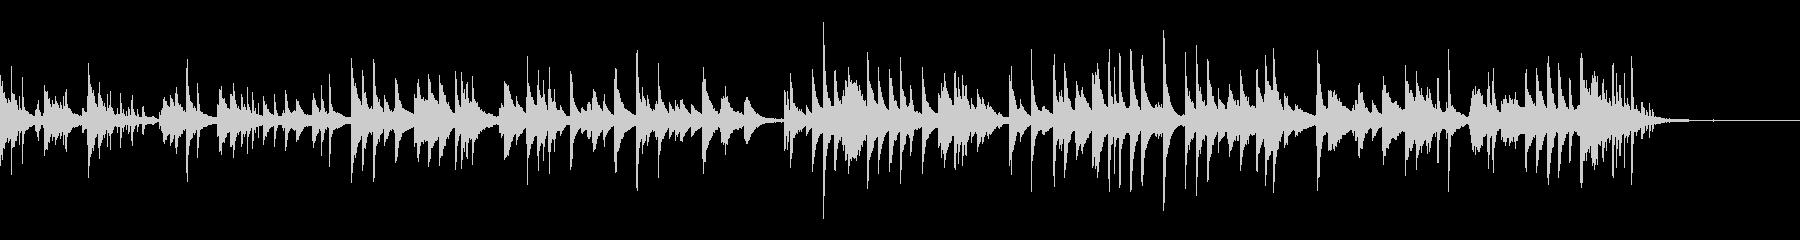 癒しのピアノソロ1の未再生の波形